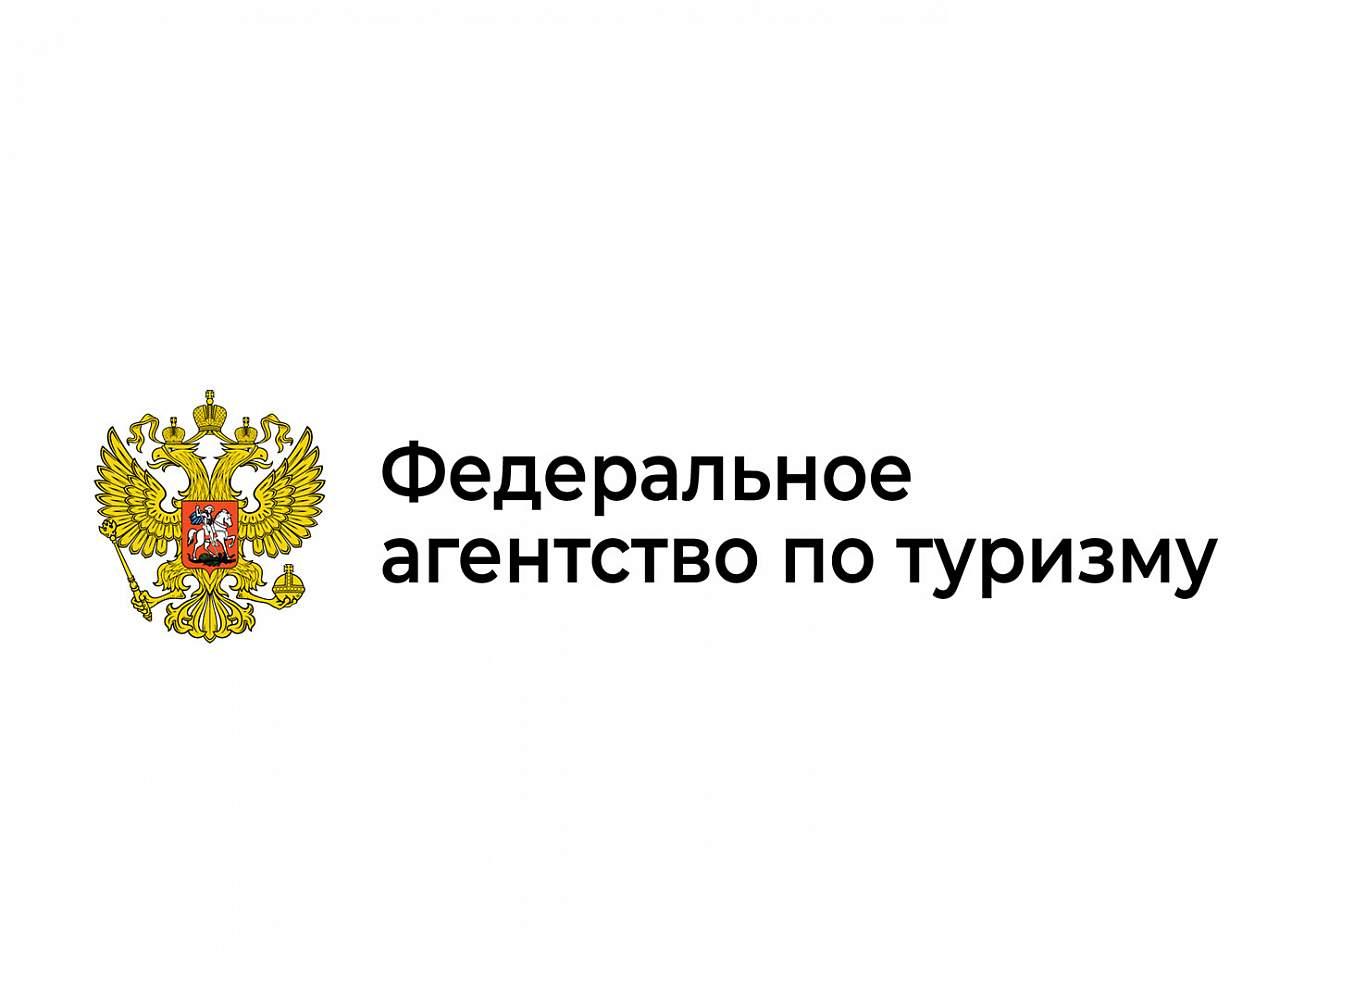 Последние новости въезда в Турцию апрель-май 2021 года туристам россиянам: важная информация